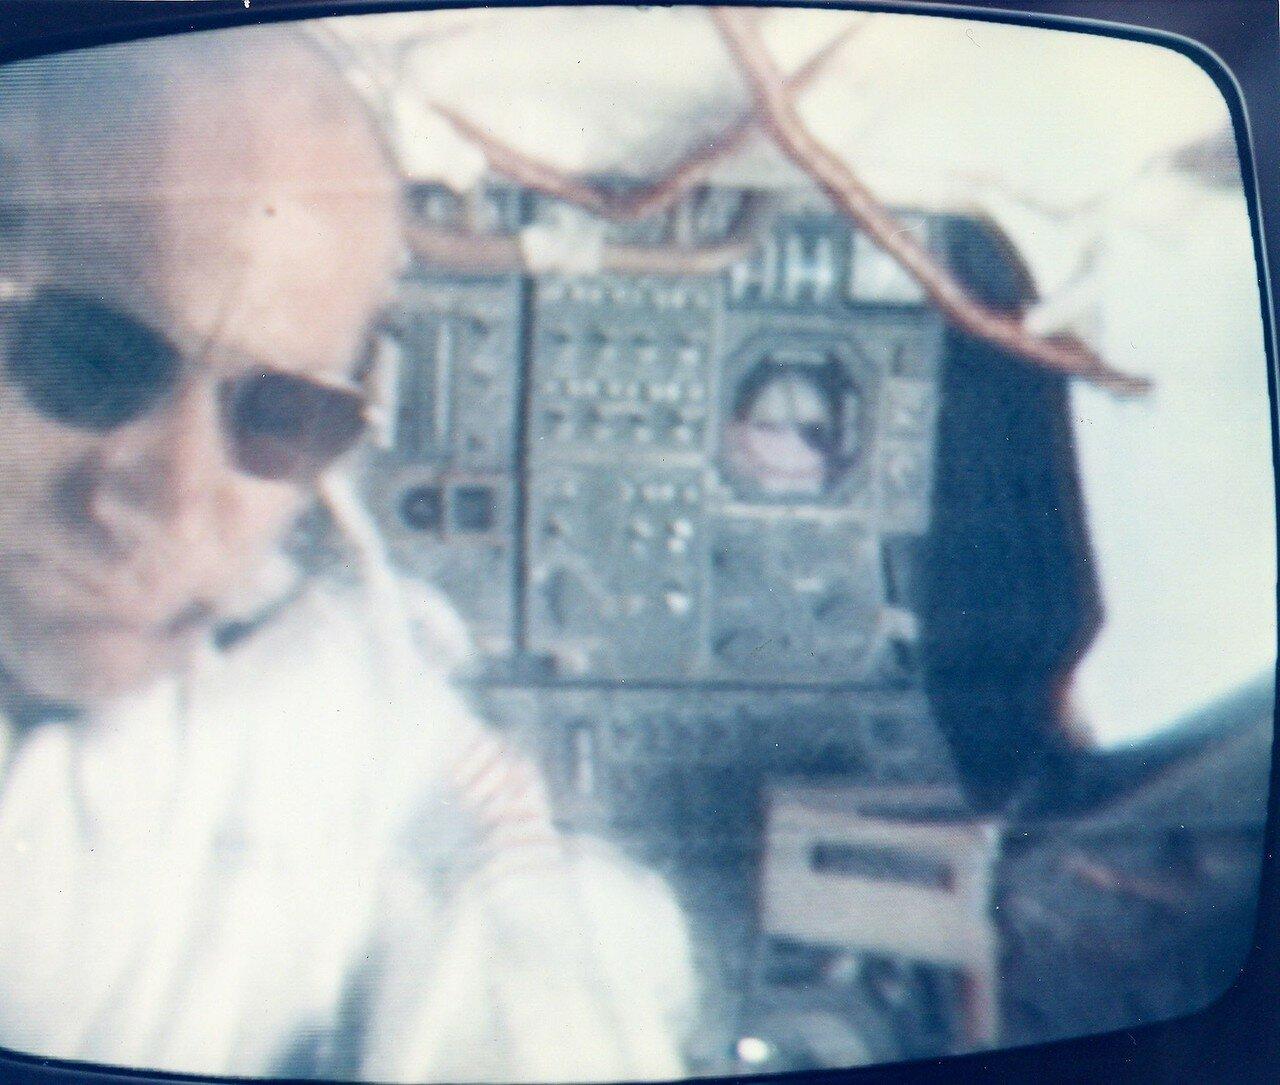 Вечером состоялась  запланированная 35-минутная телетрансляция. Зрители увидели Землю с расстояния 239 000 км, астронавты показали свои рабочие места, «кухню», набор продуктов и процесс приготовления пищи